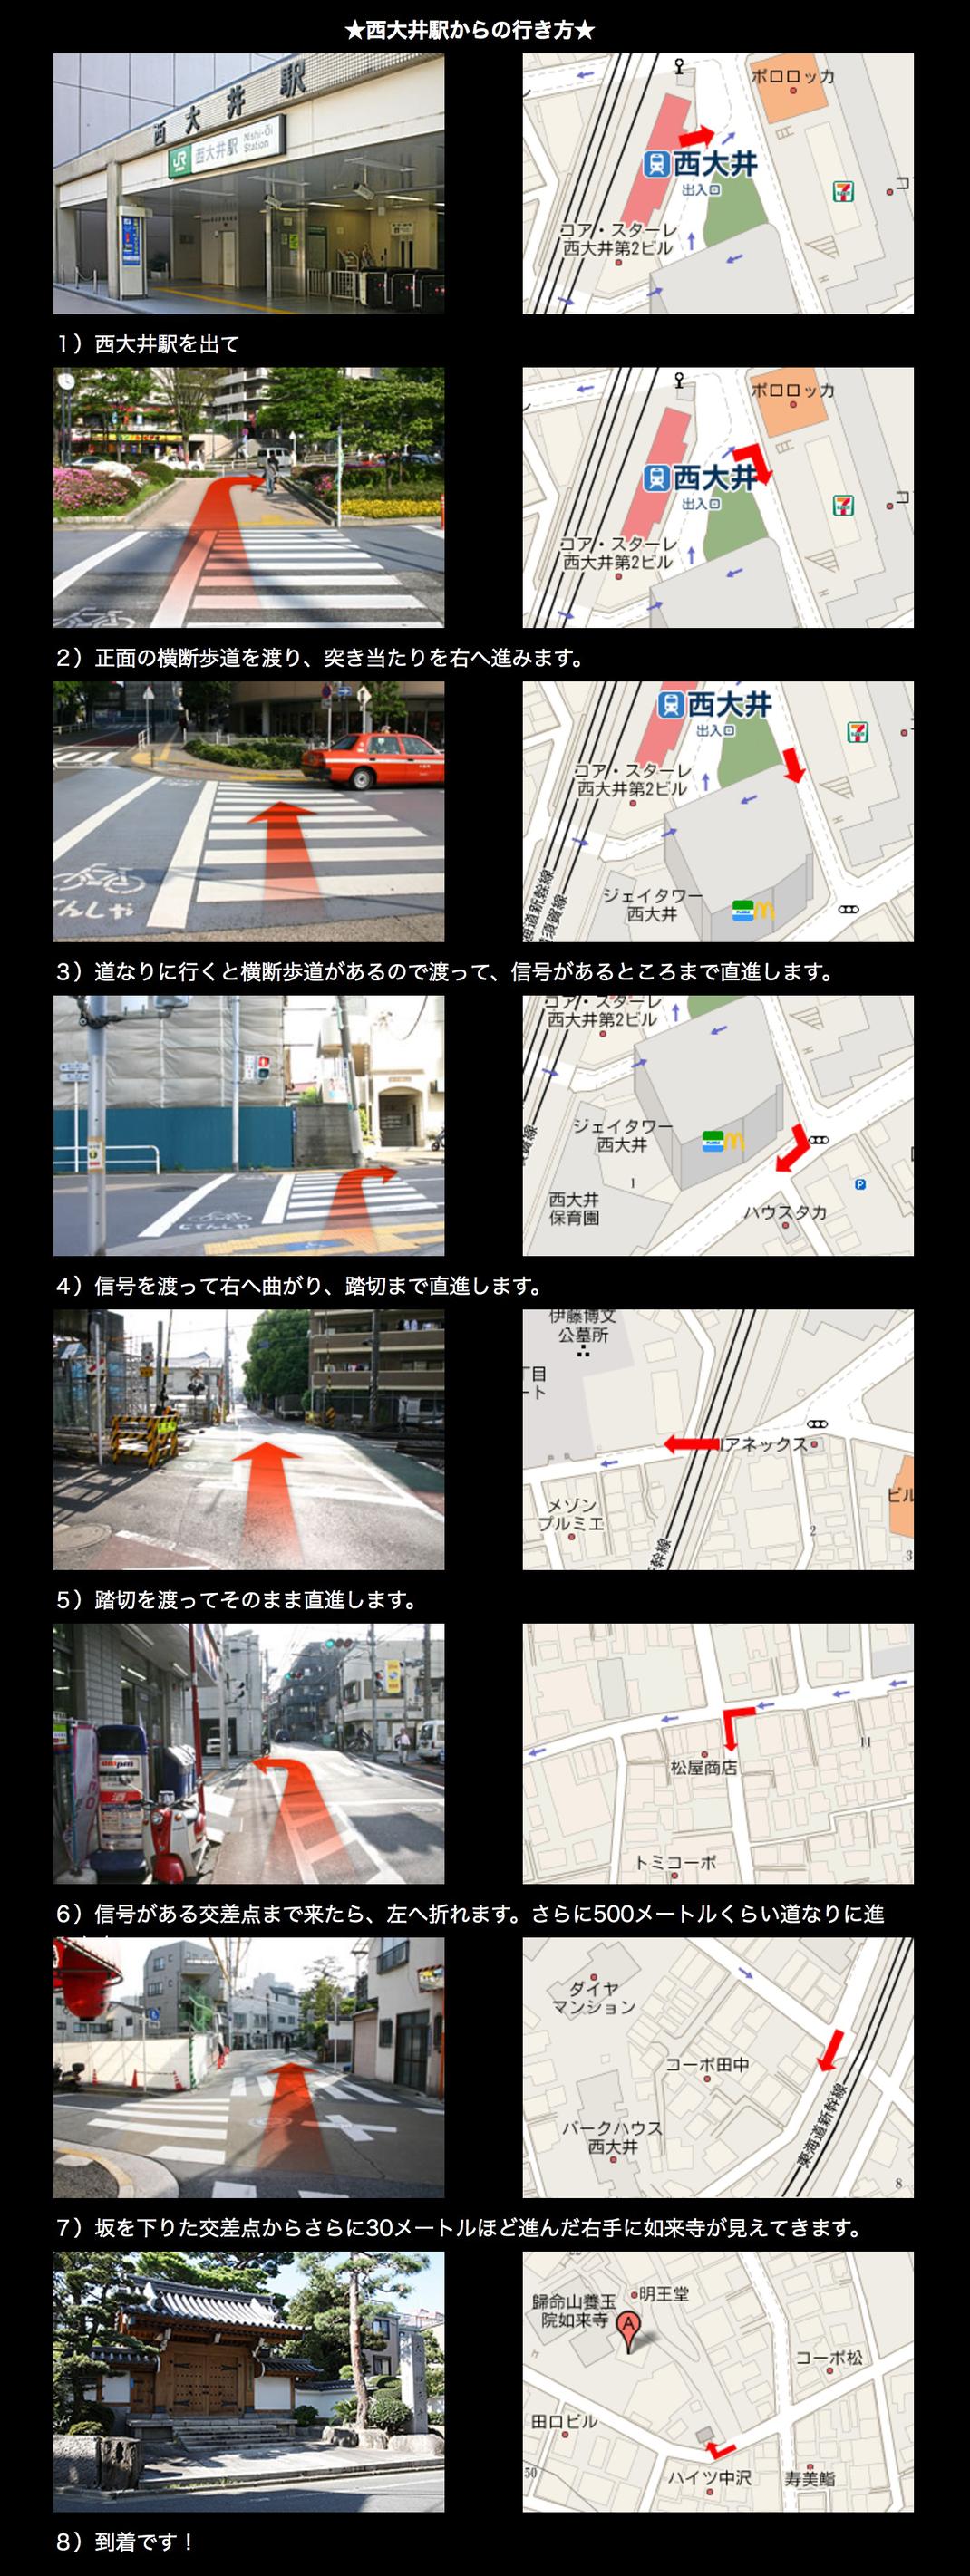 西大井駅から養玉院如来寺までの道案内写真